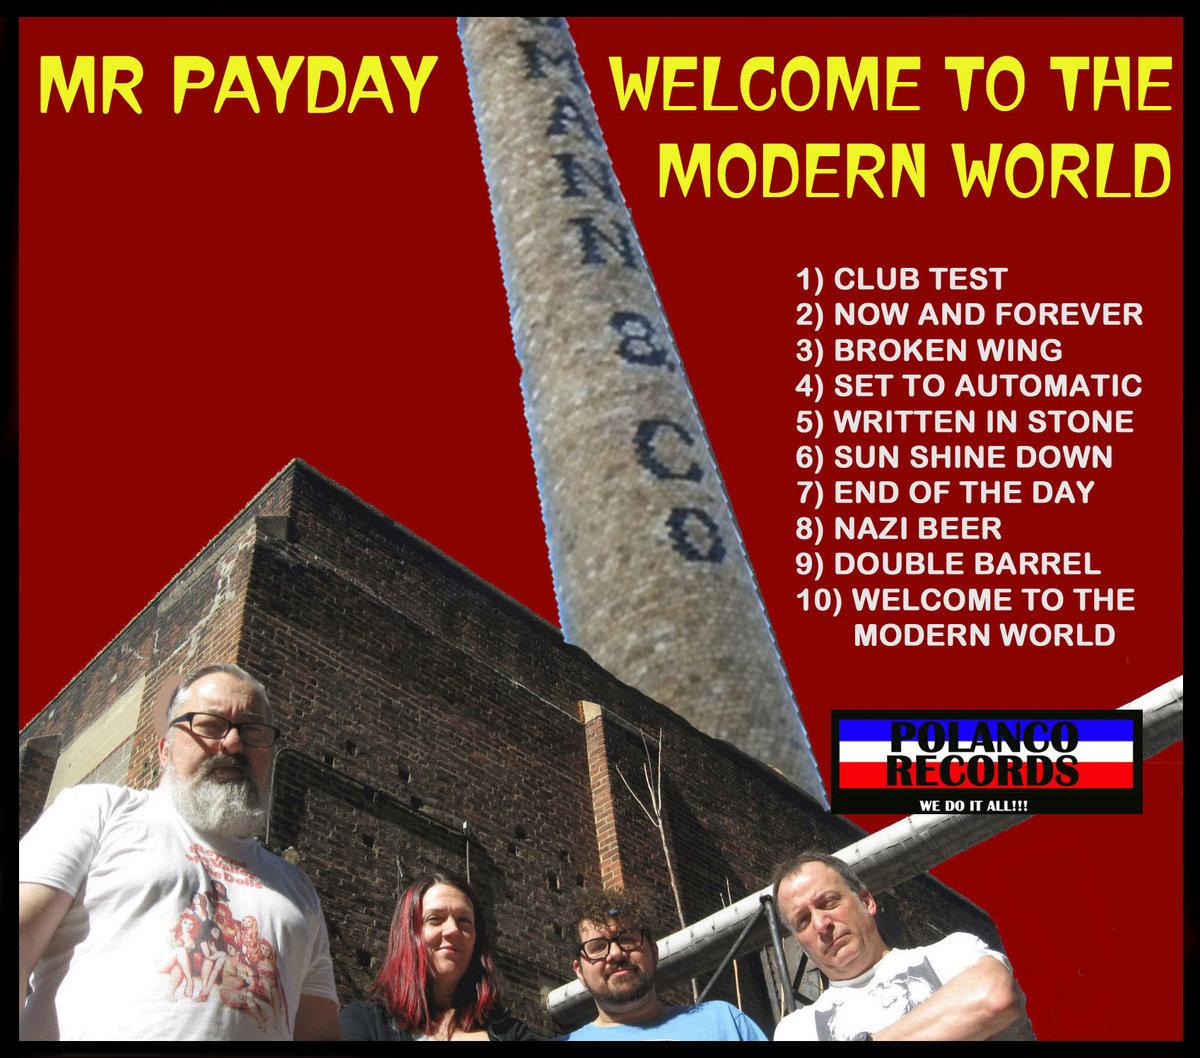 Presto mr. photo free download